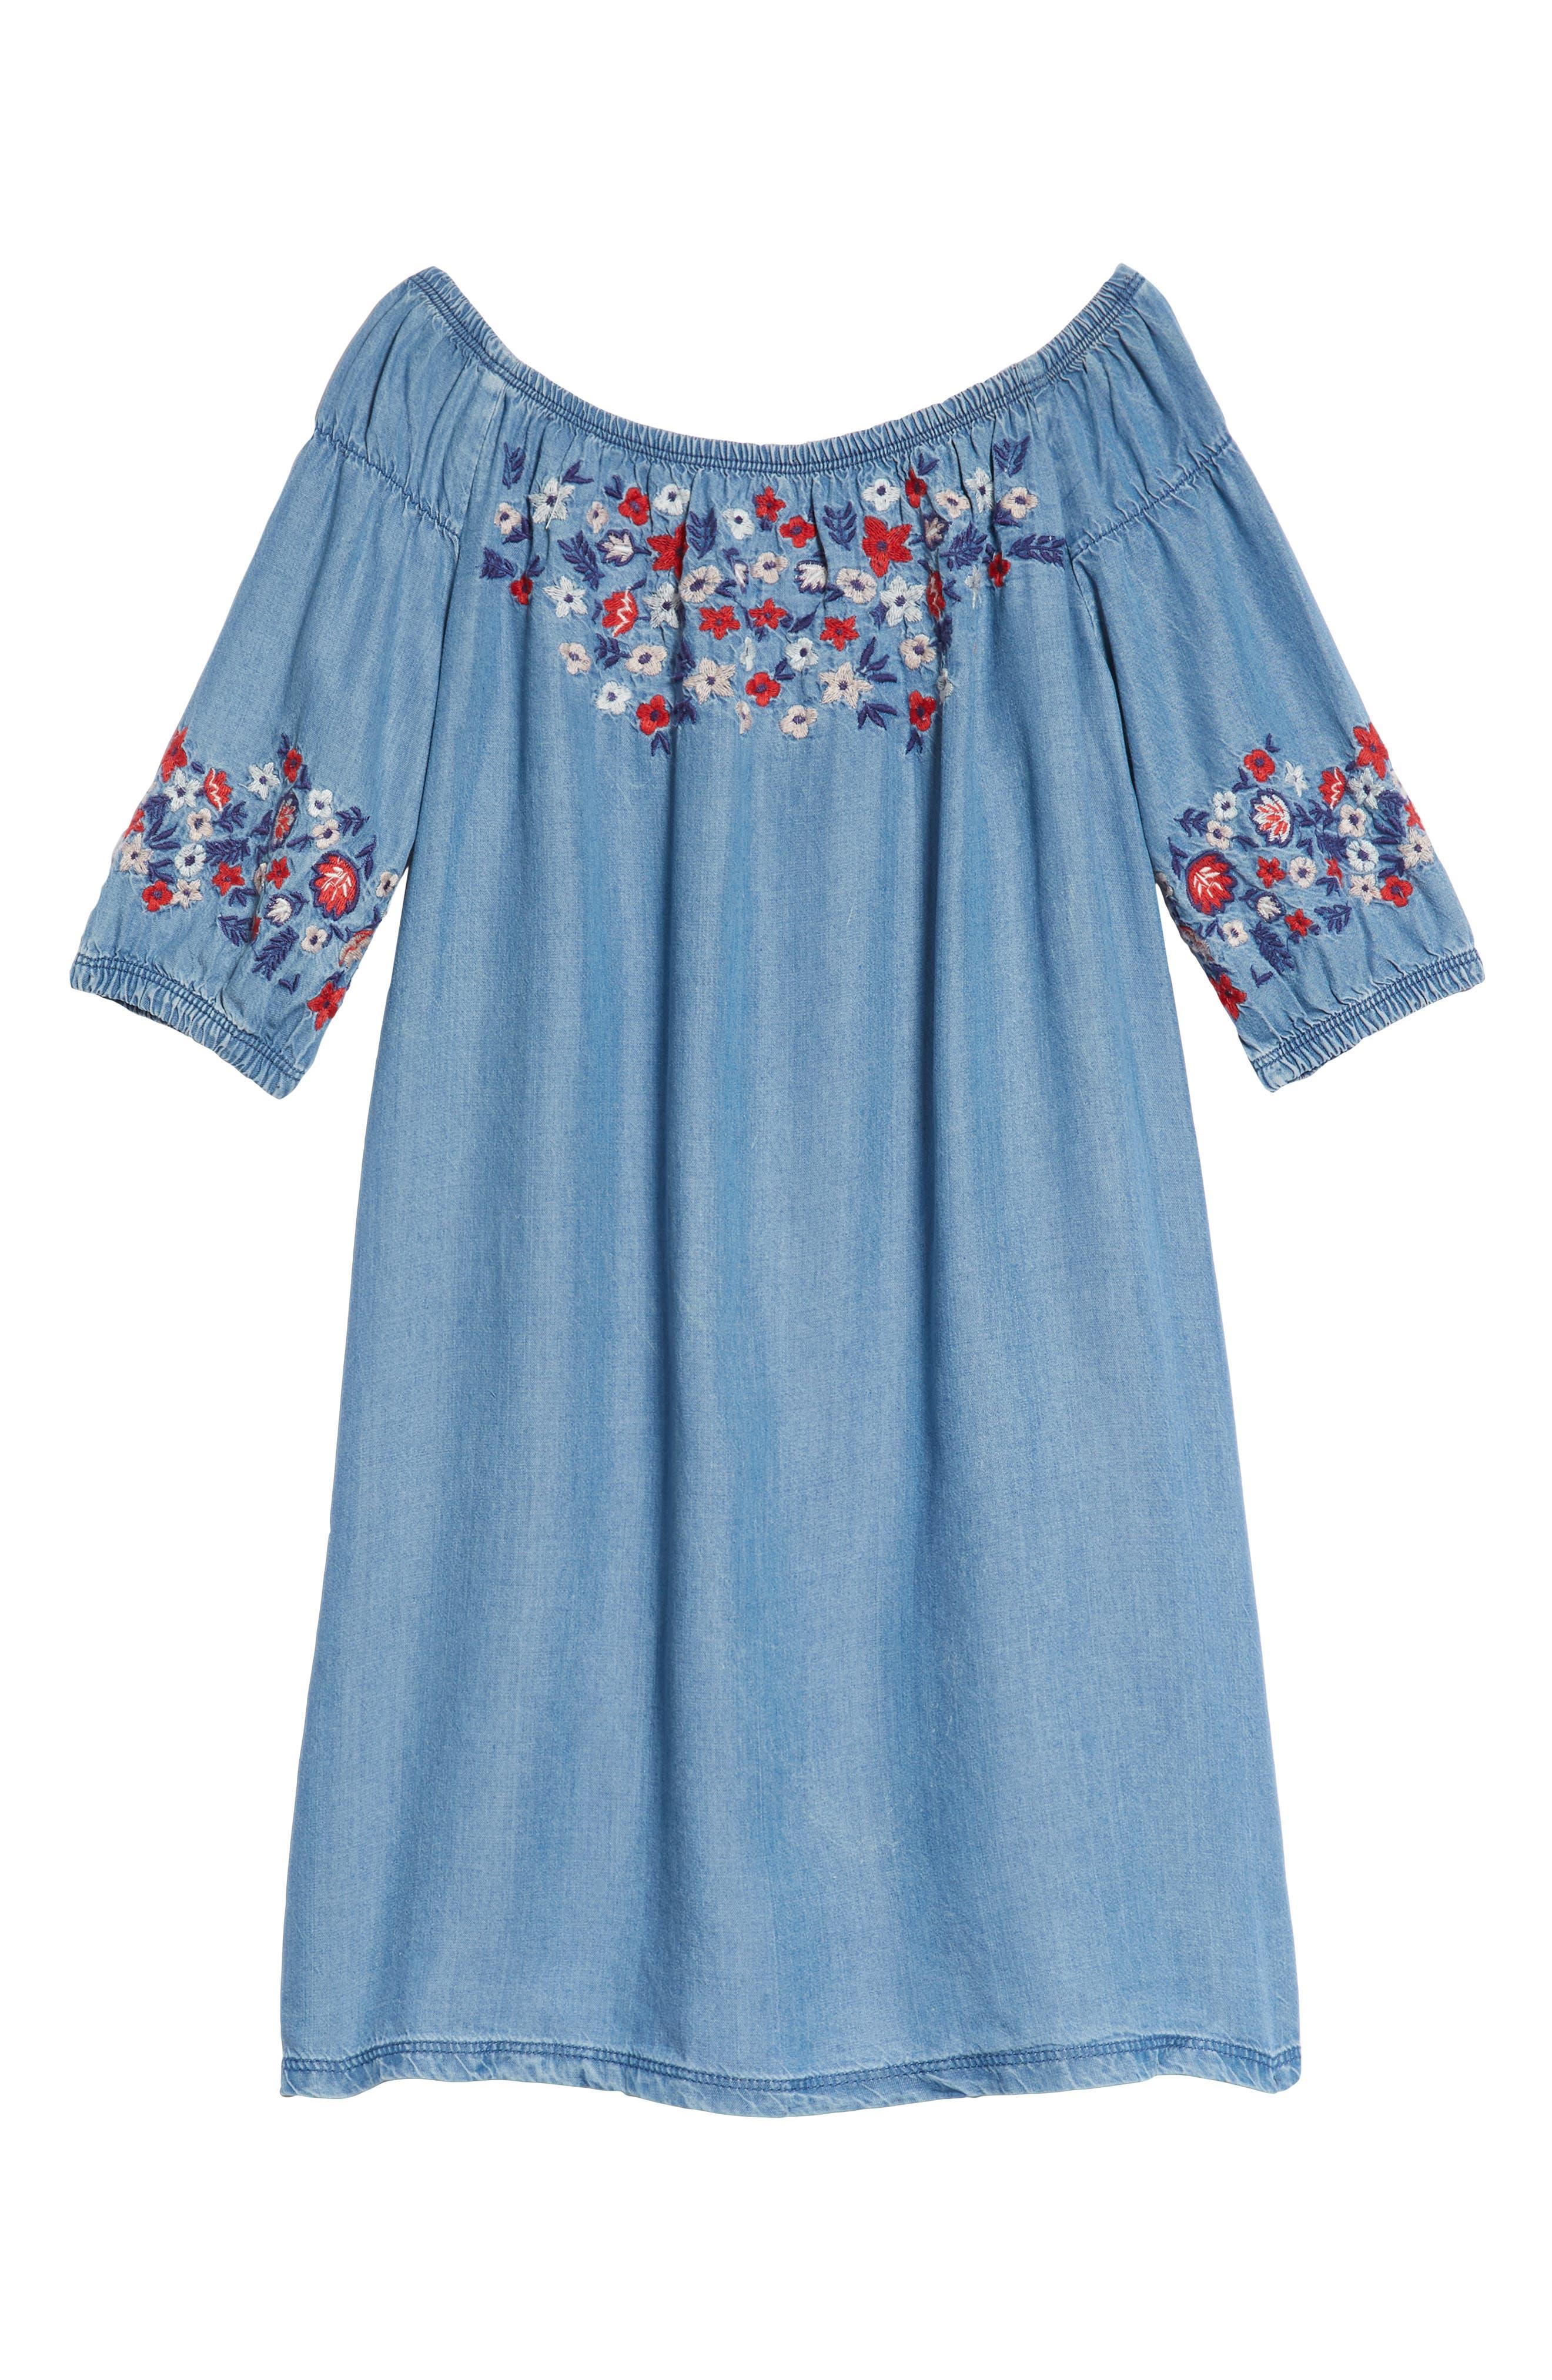 Flower Embroidered Off-the-Shoulder Dress,                         Main,                         color, Blue River Wash